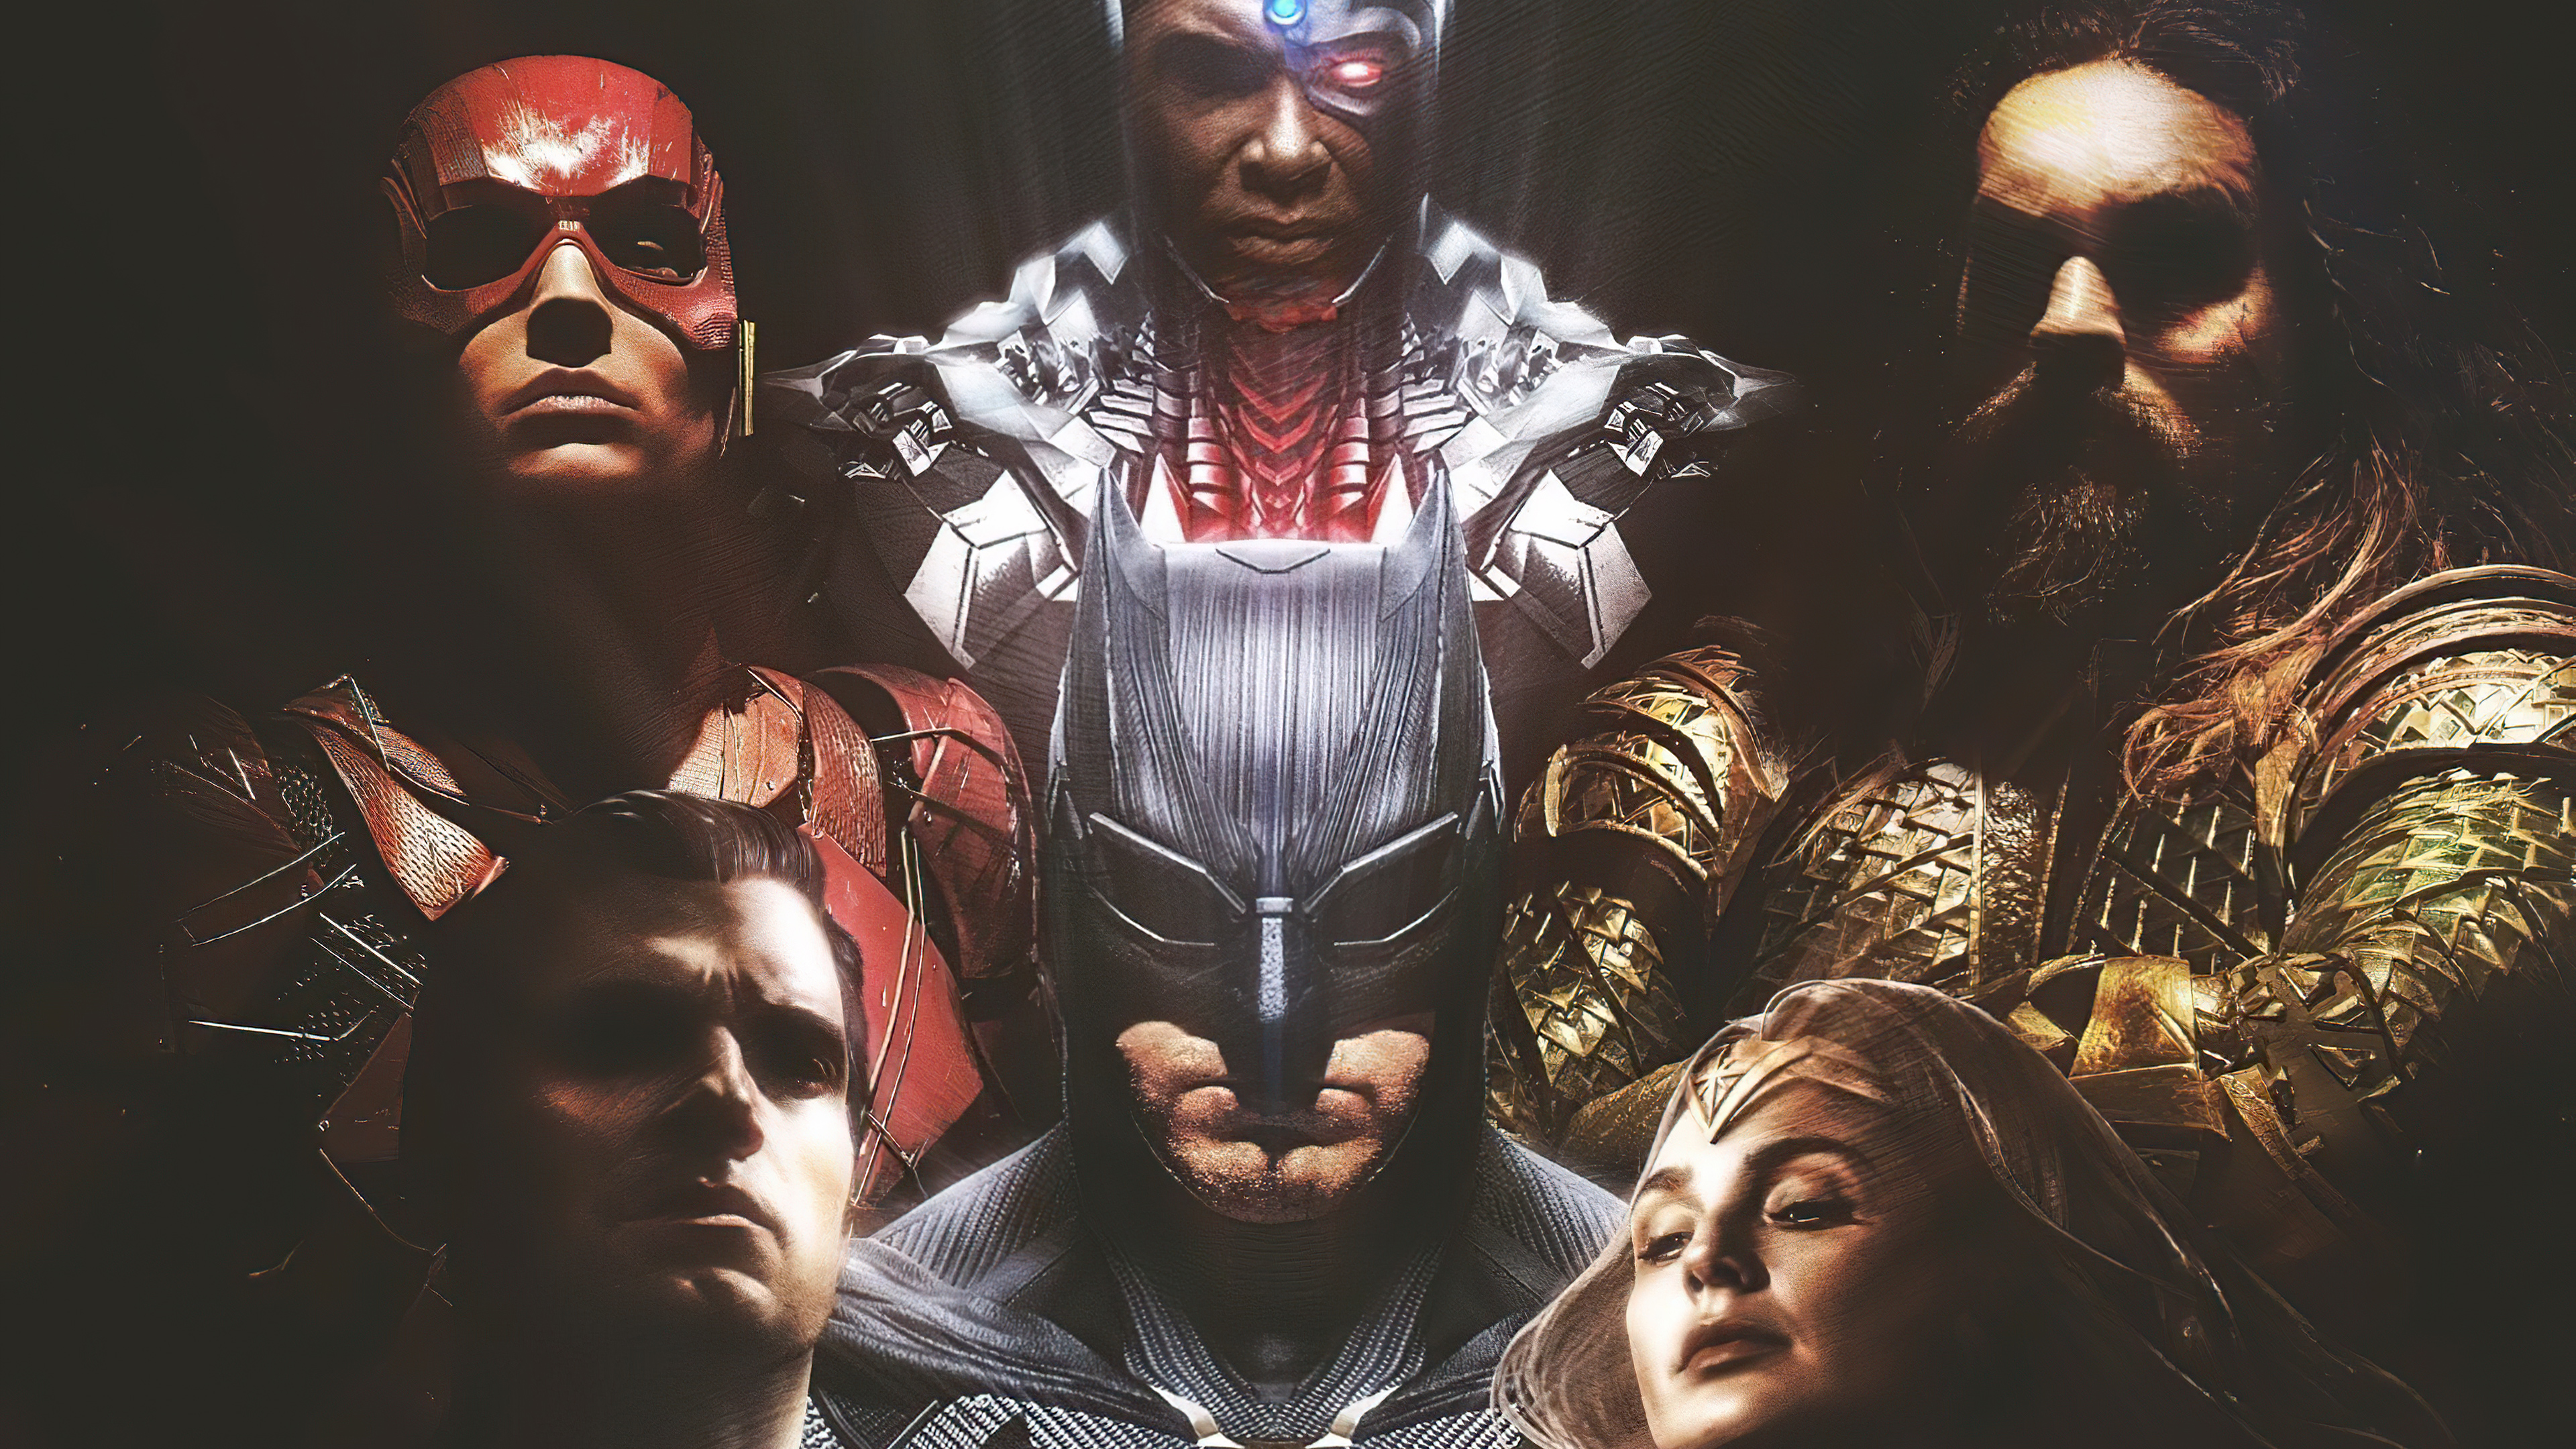 Fondos de pantalla Justice League Snyder Cut